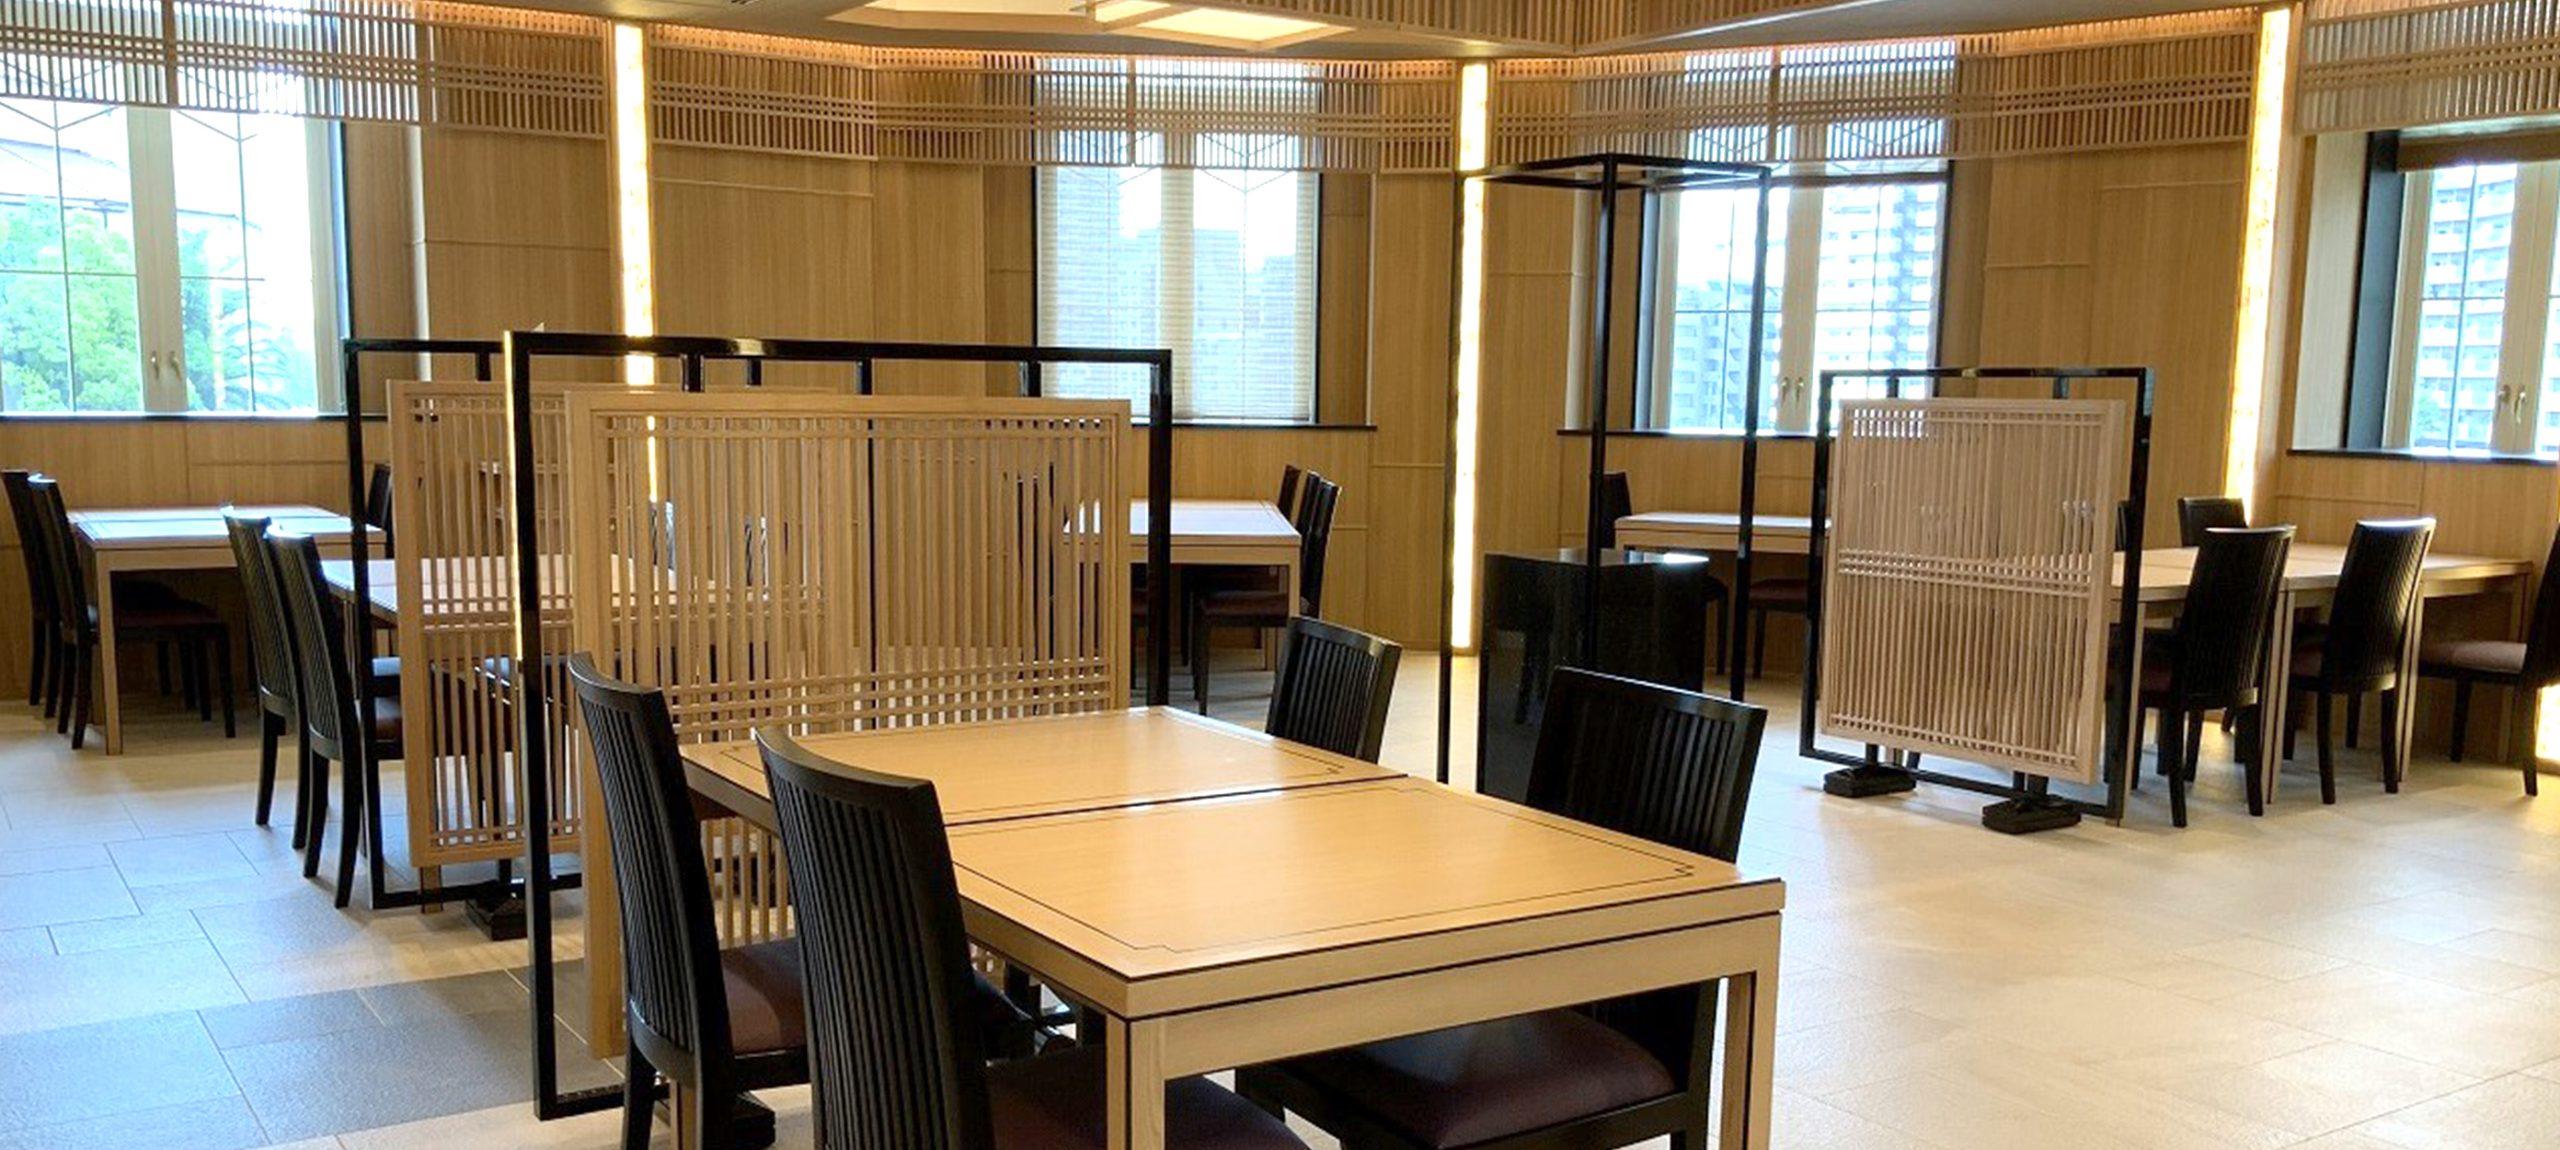 株式会社ワールドスペースソリューションズが製作した阪急阪神第一グループ宝塚ホテルの家具